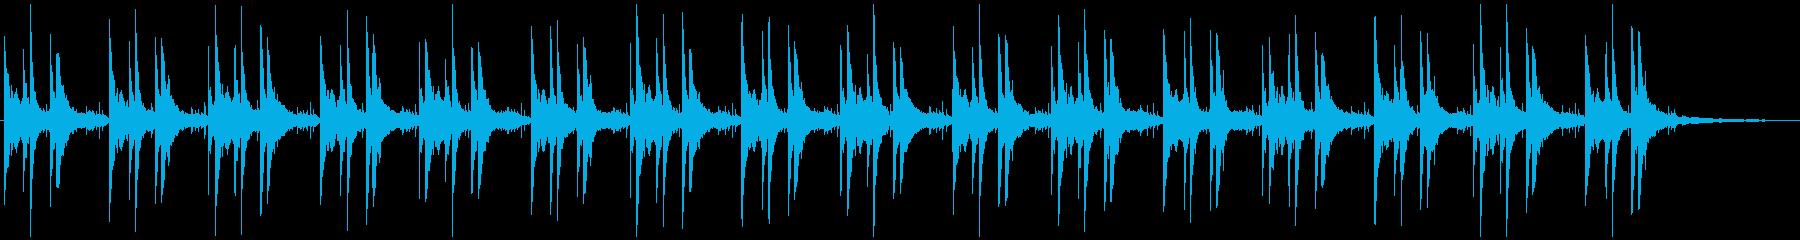 環境音楽・モノクロの映像や芸術的映像向けの再生済みの波形